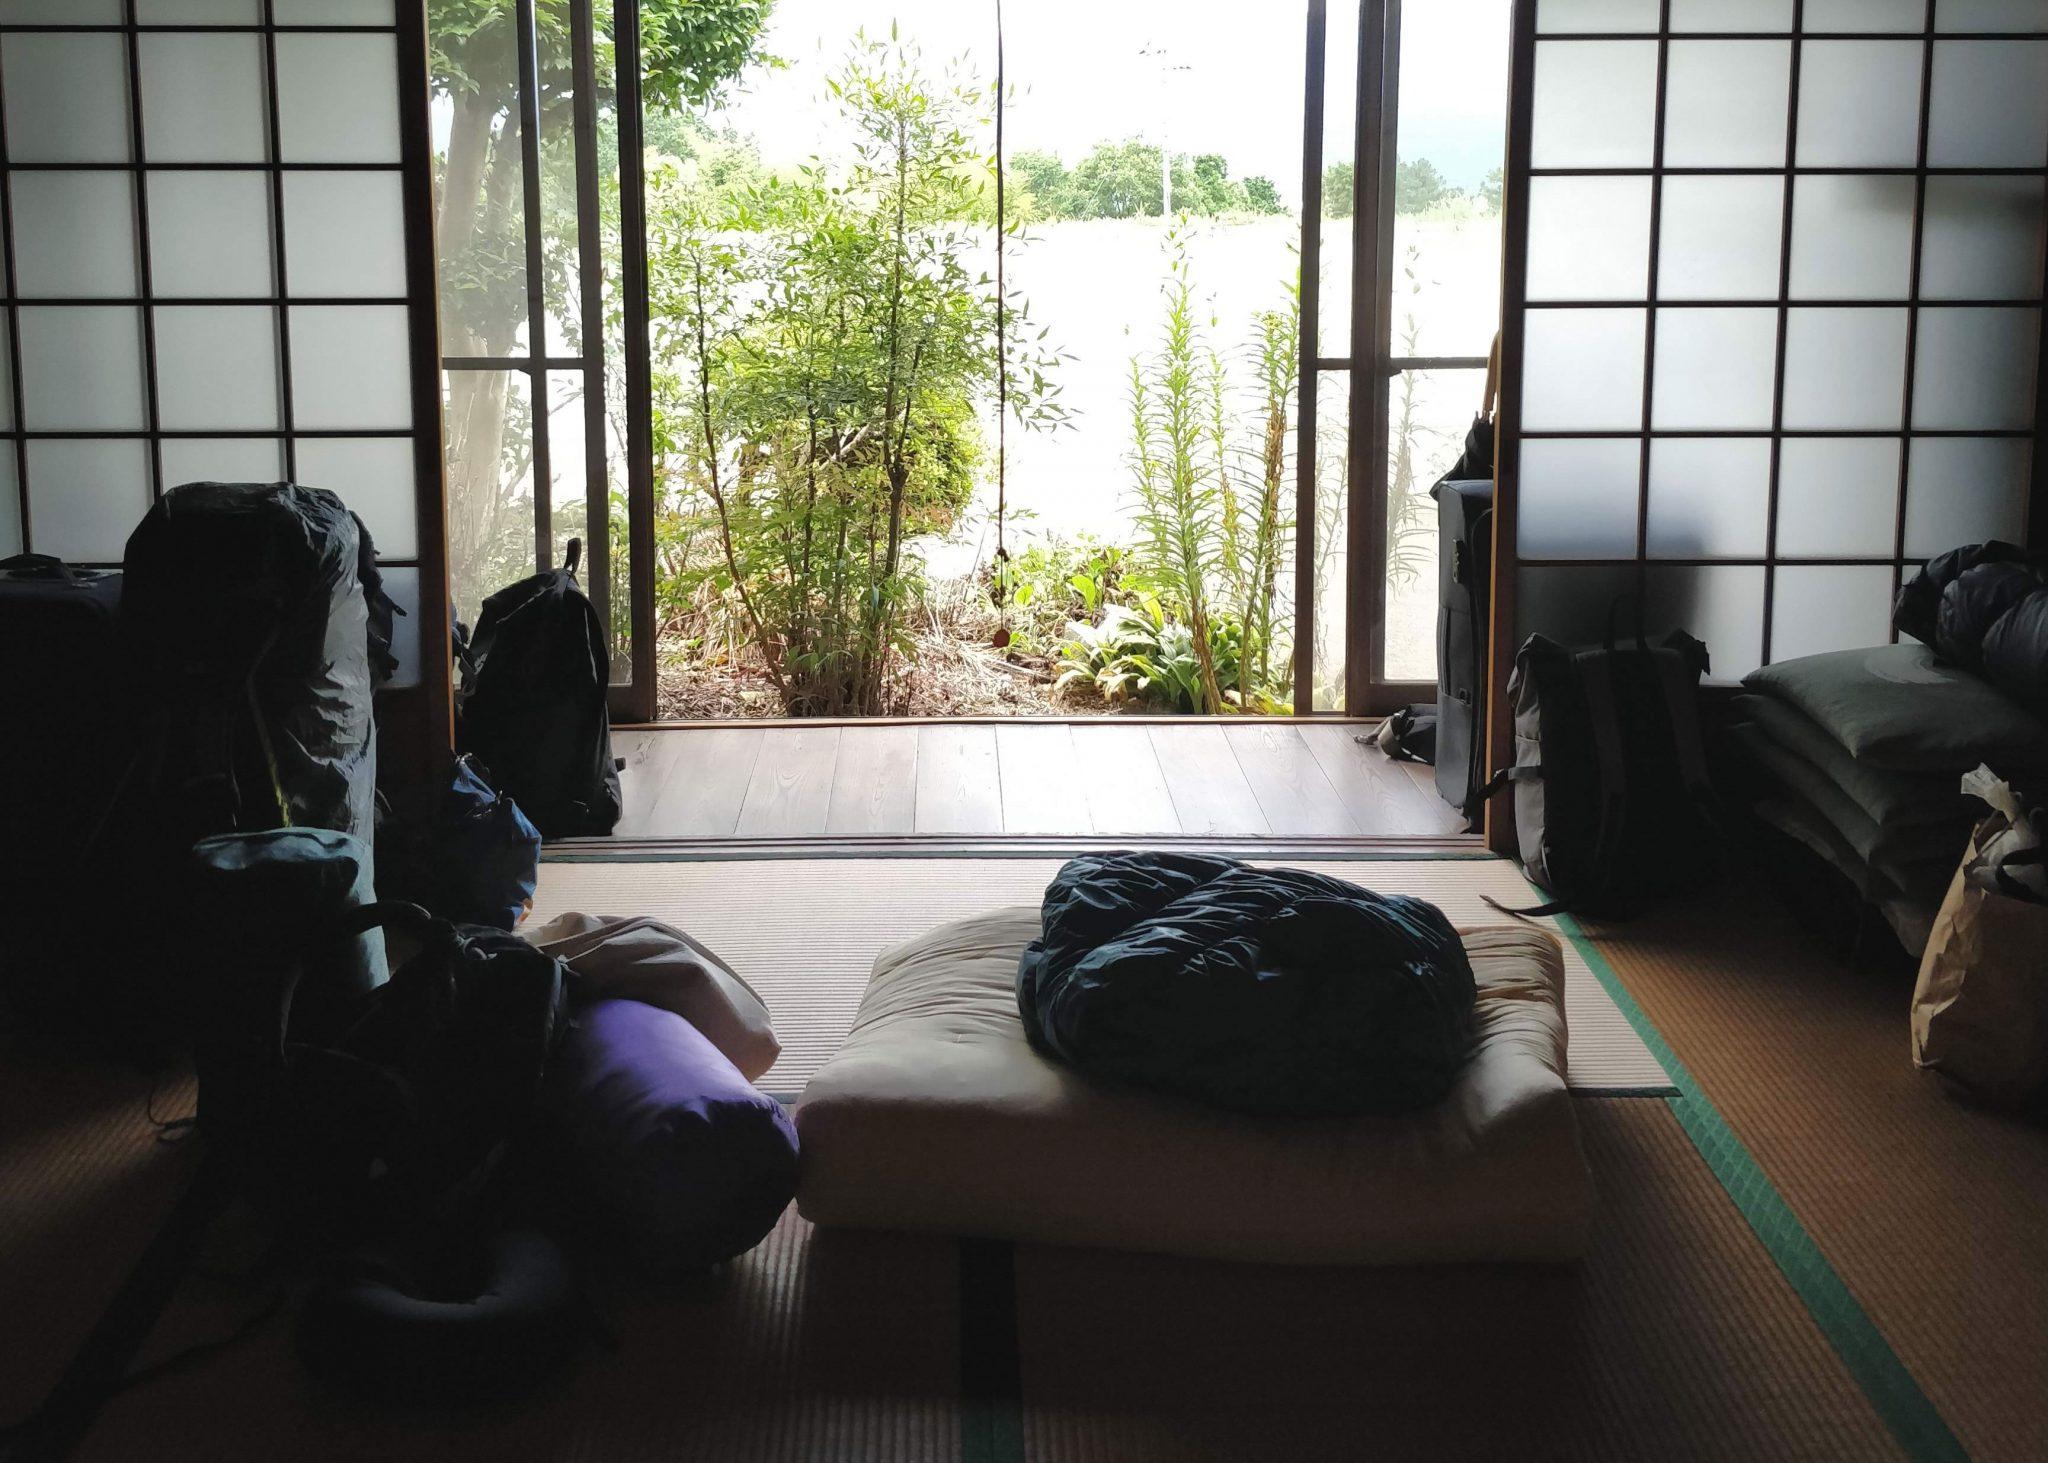 Perinteinen japanilainen talo ja rinkkoja.